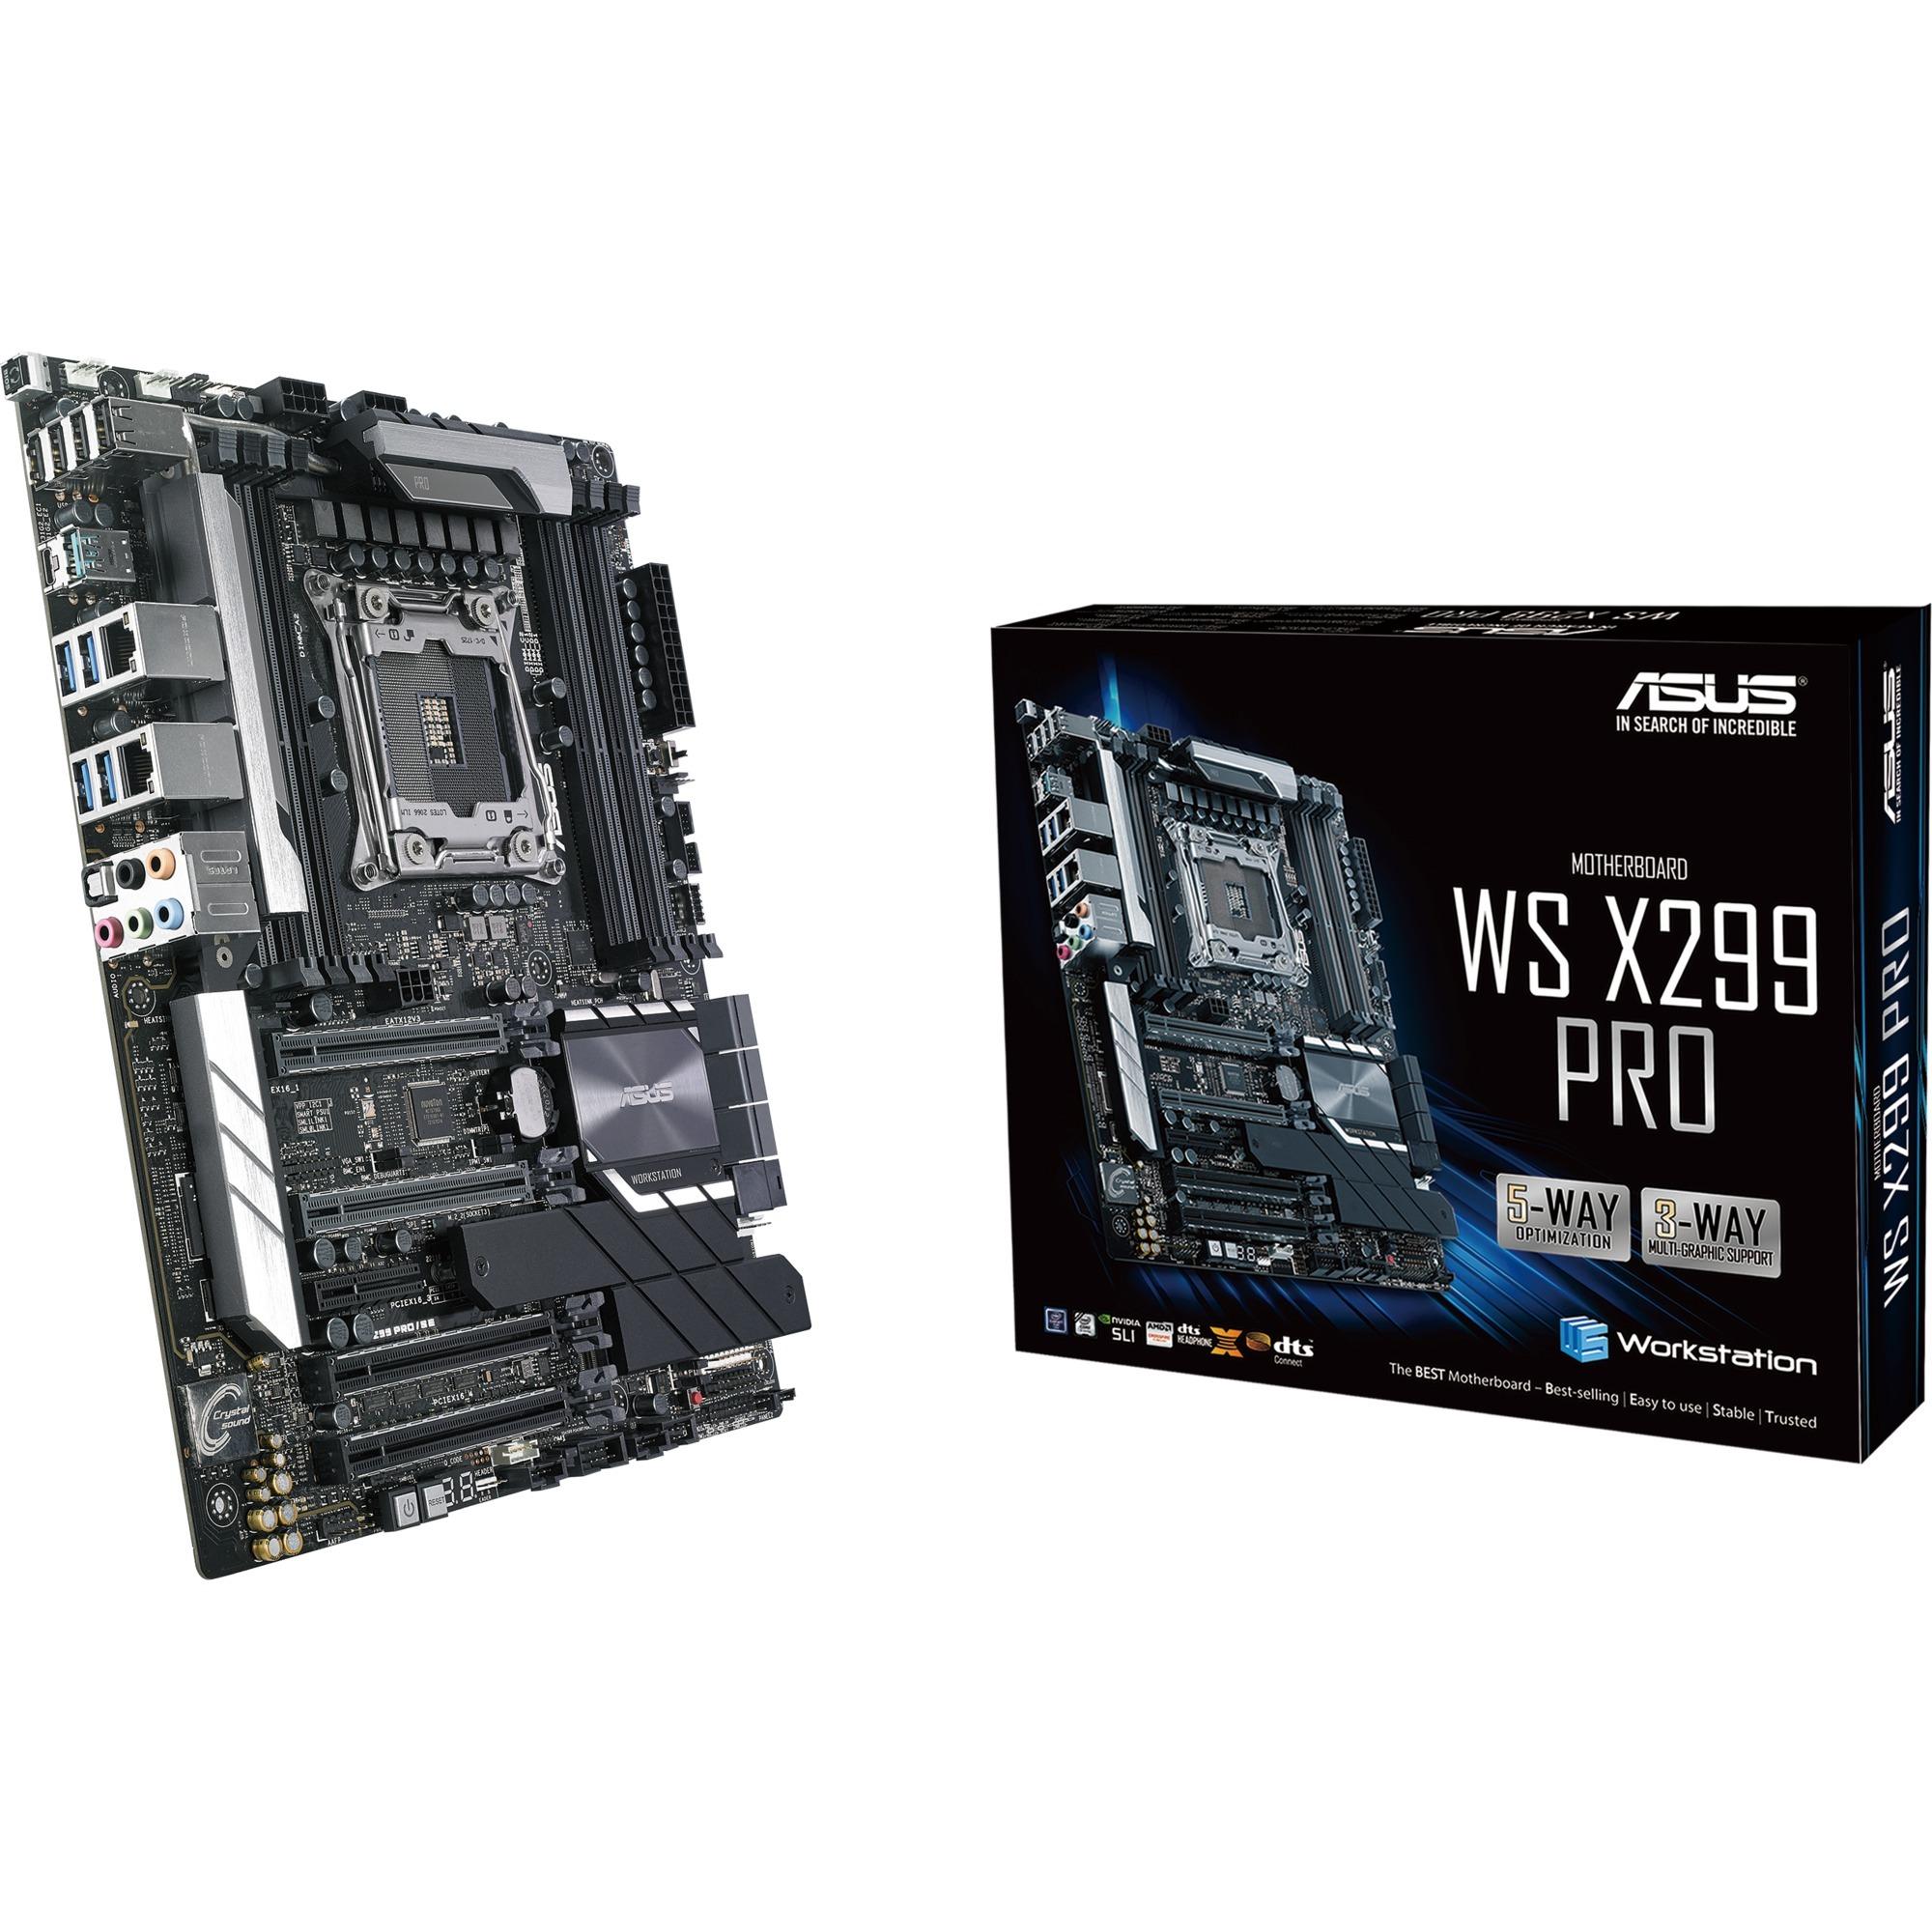 WS X299 PRO placa base para servidor y estación de trabajo LGA 2066 (Socket R4) Intel X299 ATX